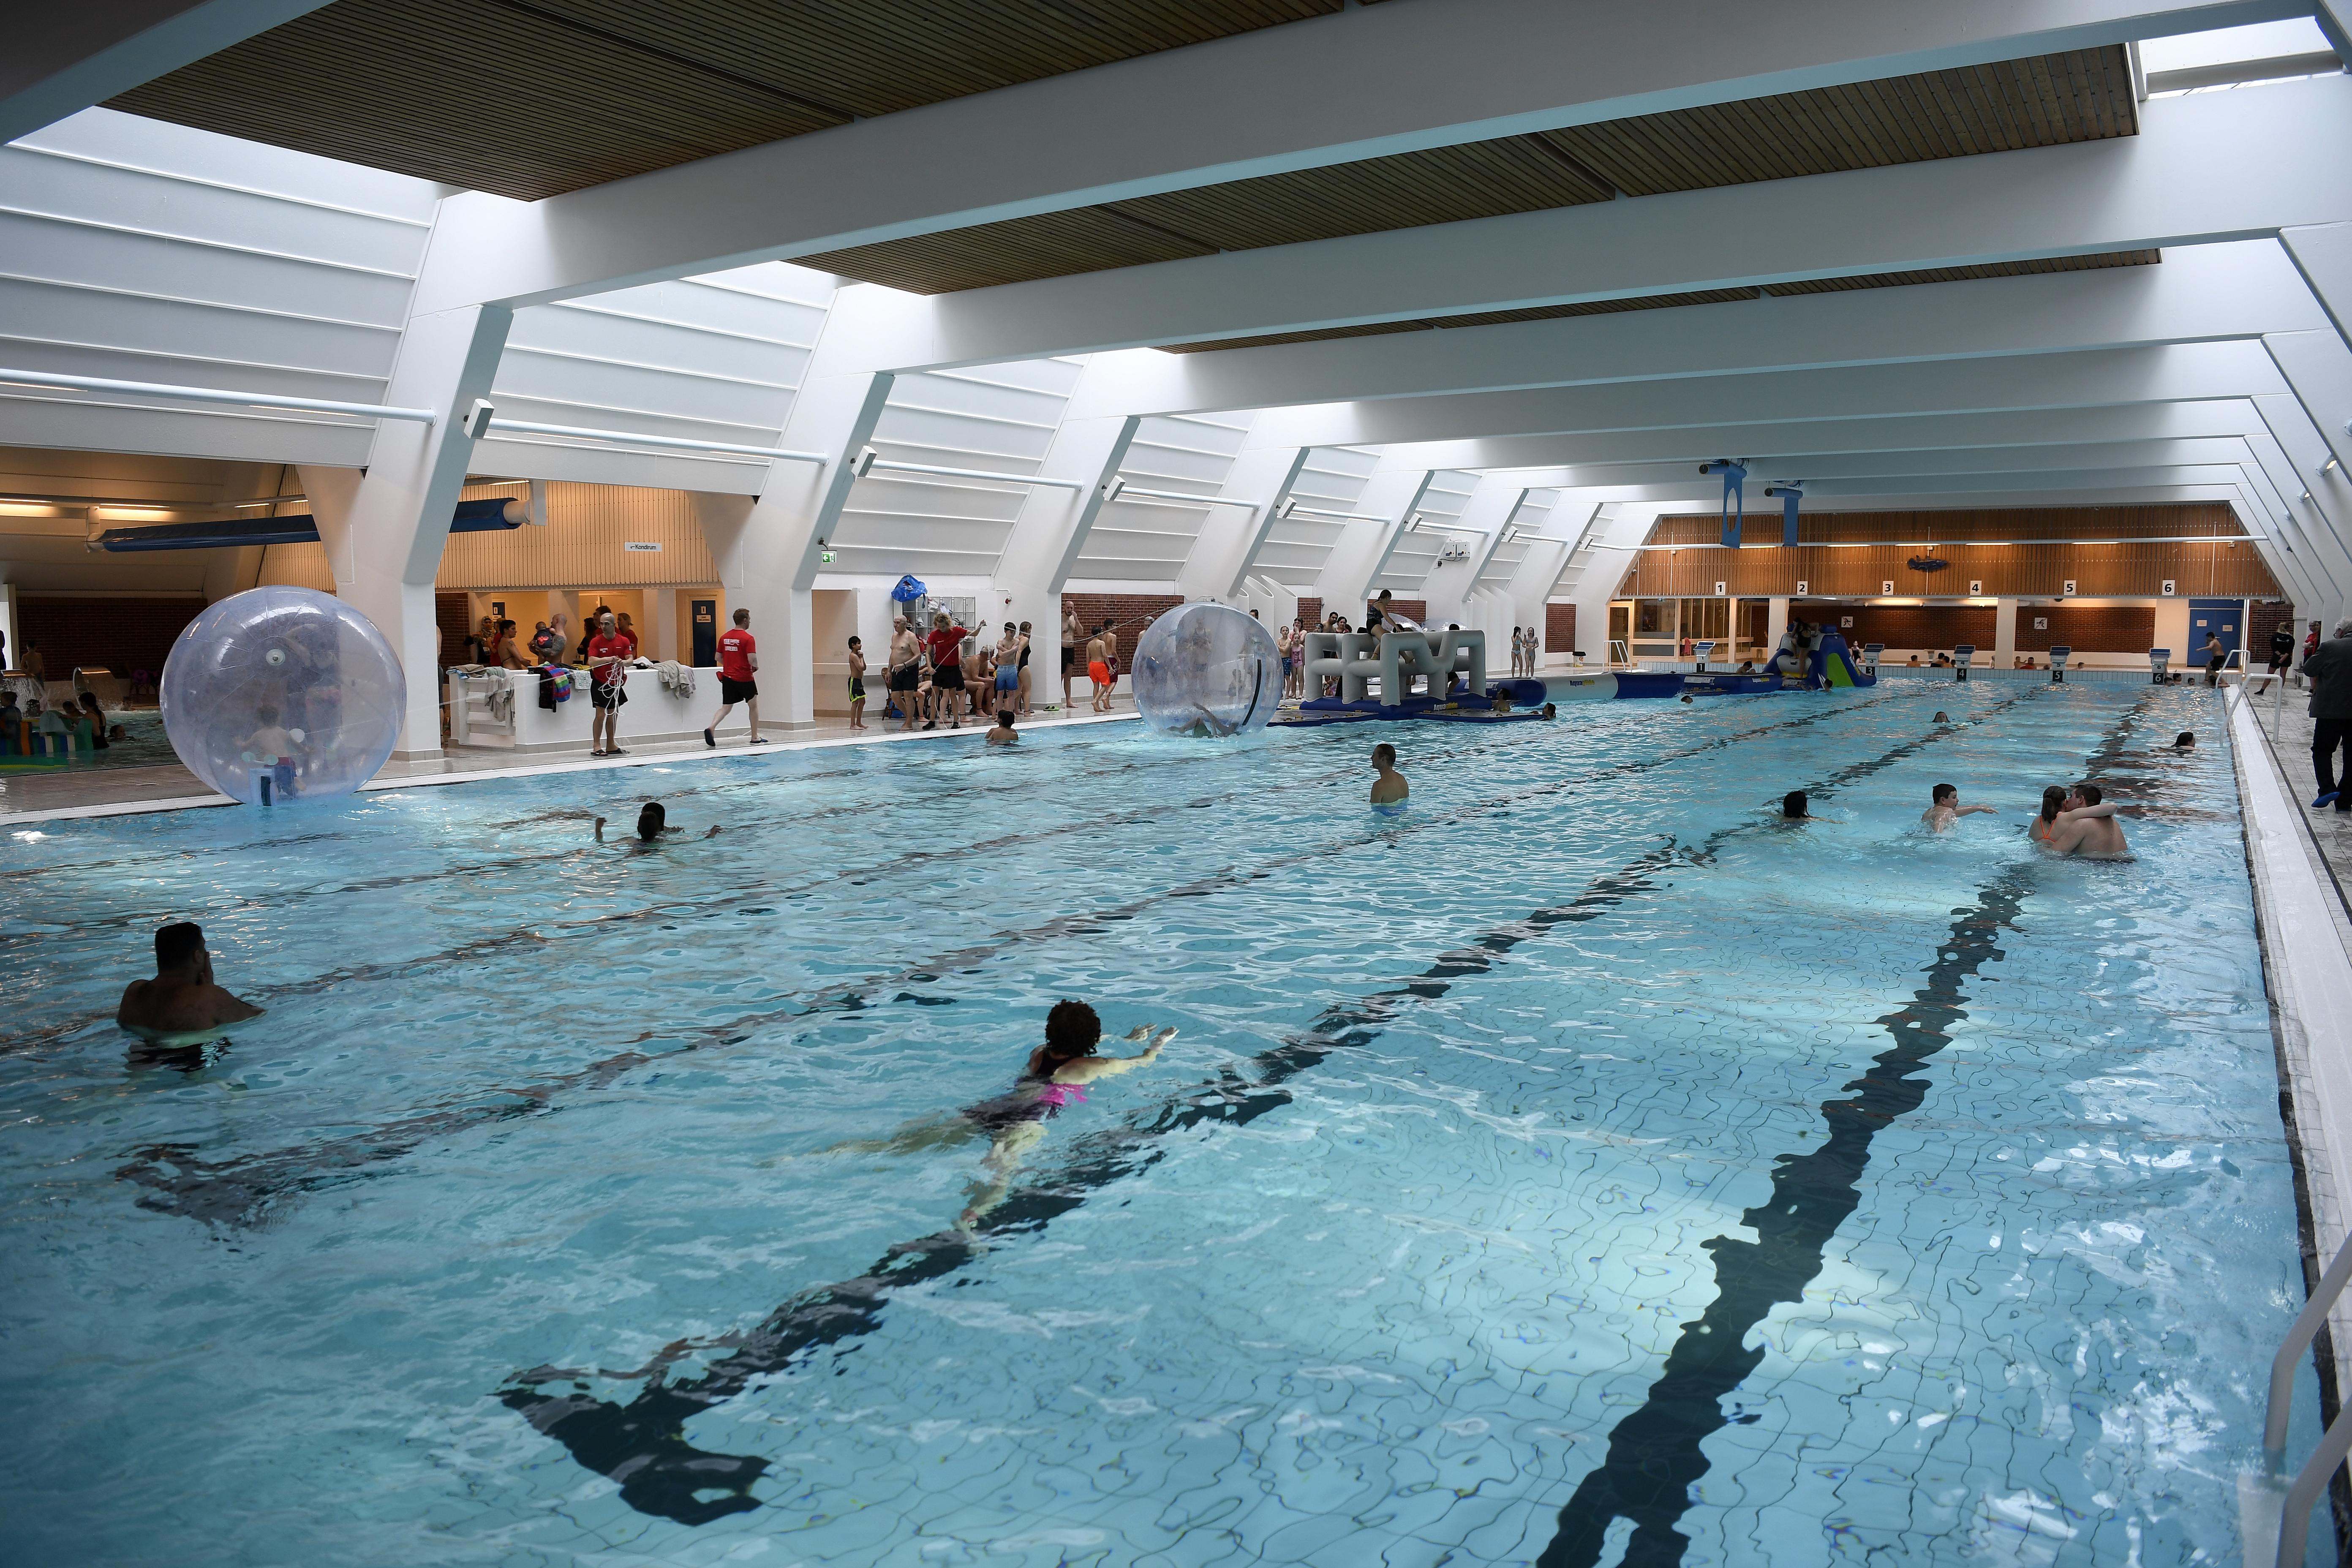 svømmehal for kvinder